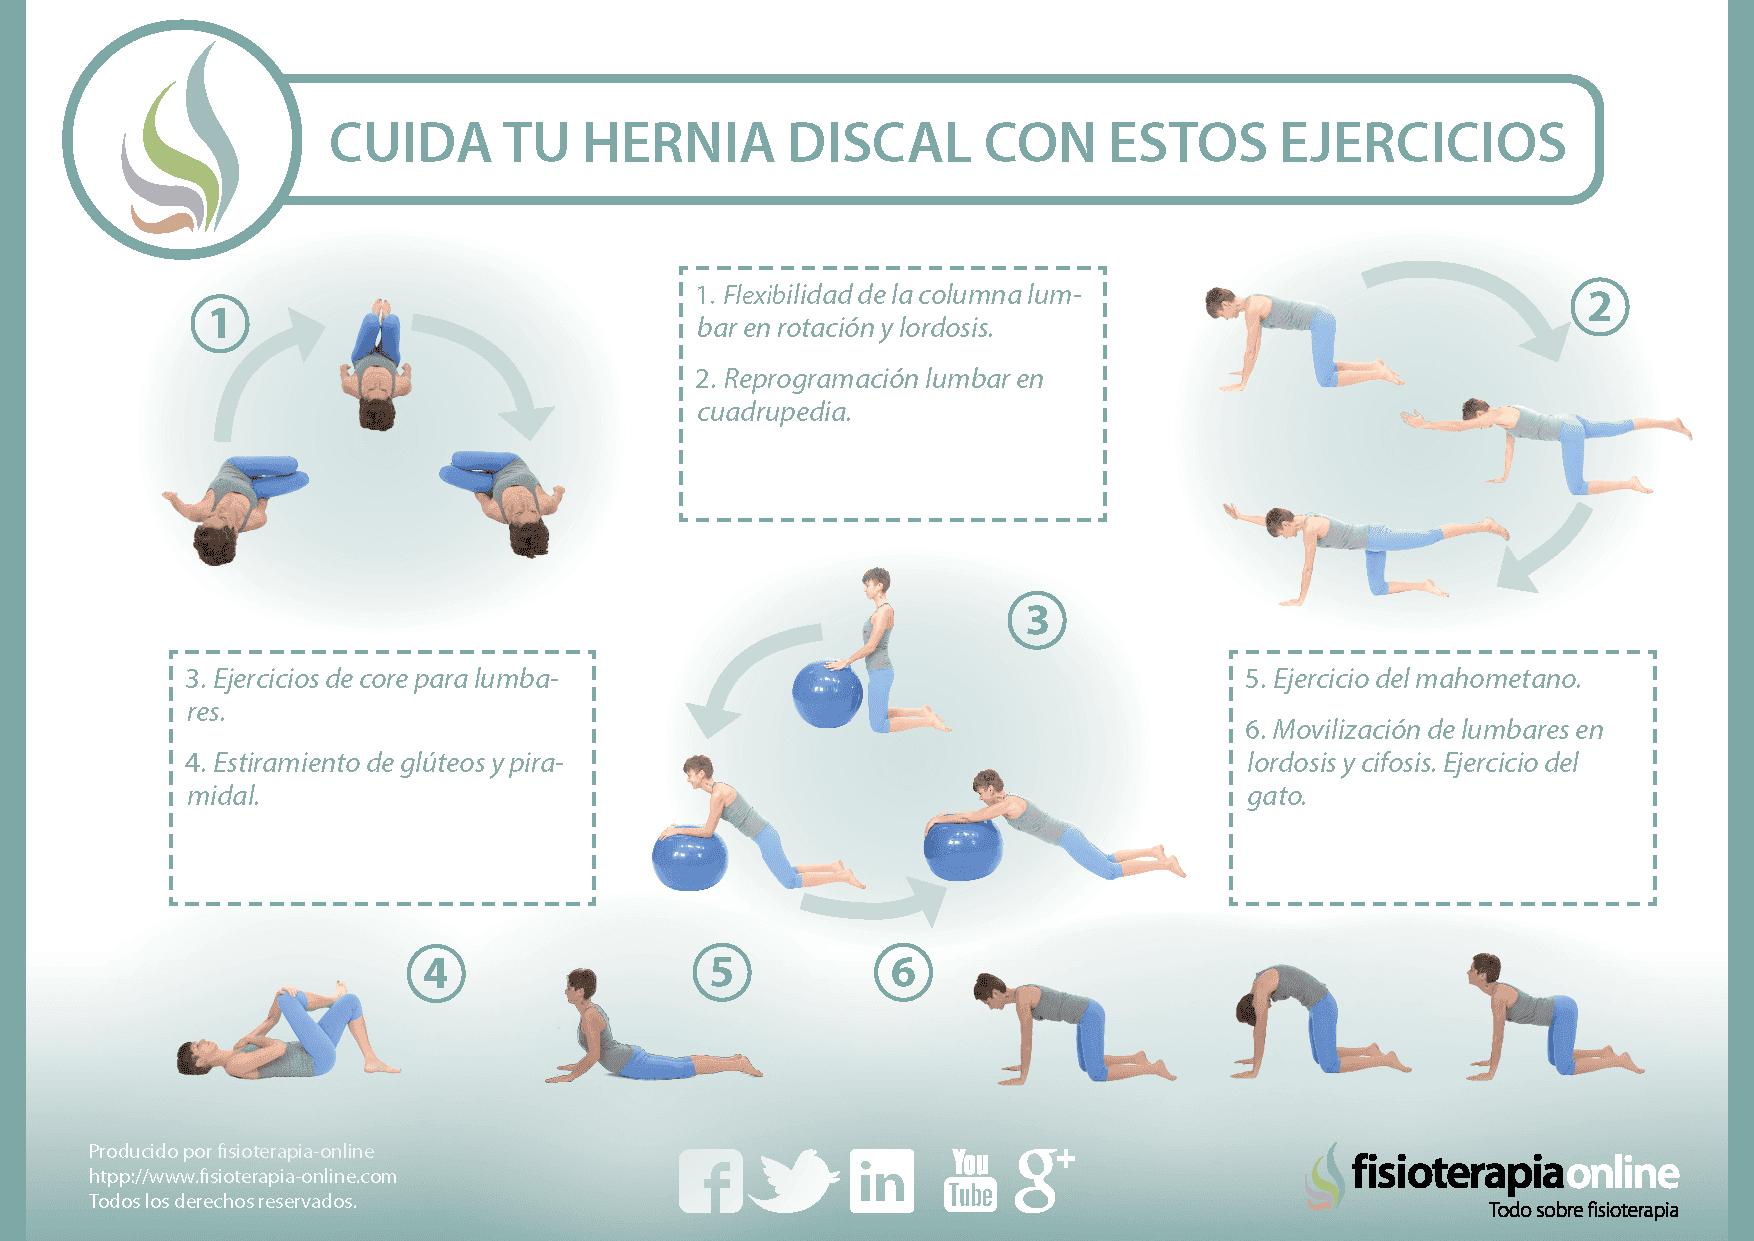 8 sencillos ejercicios para cuidar y mejorar la hernia